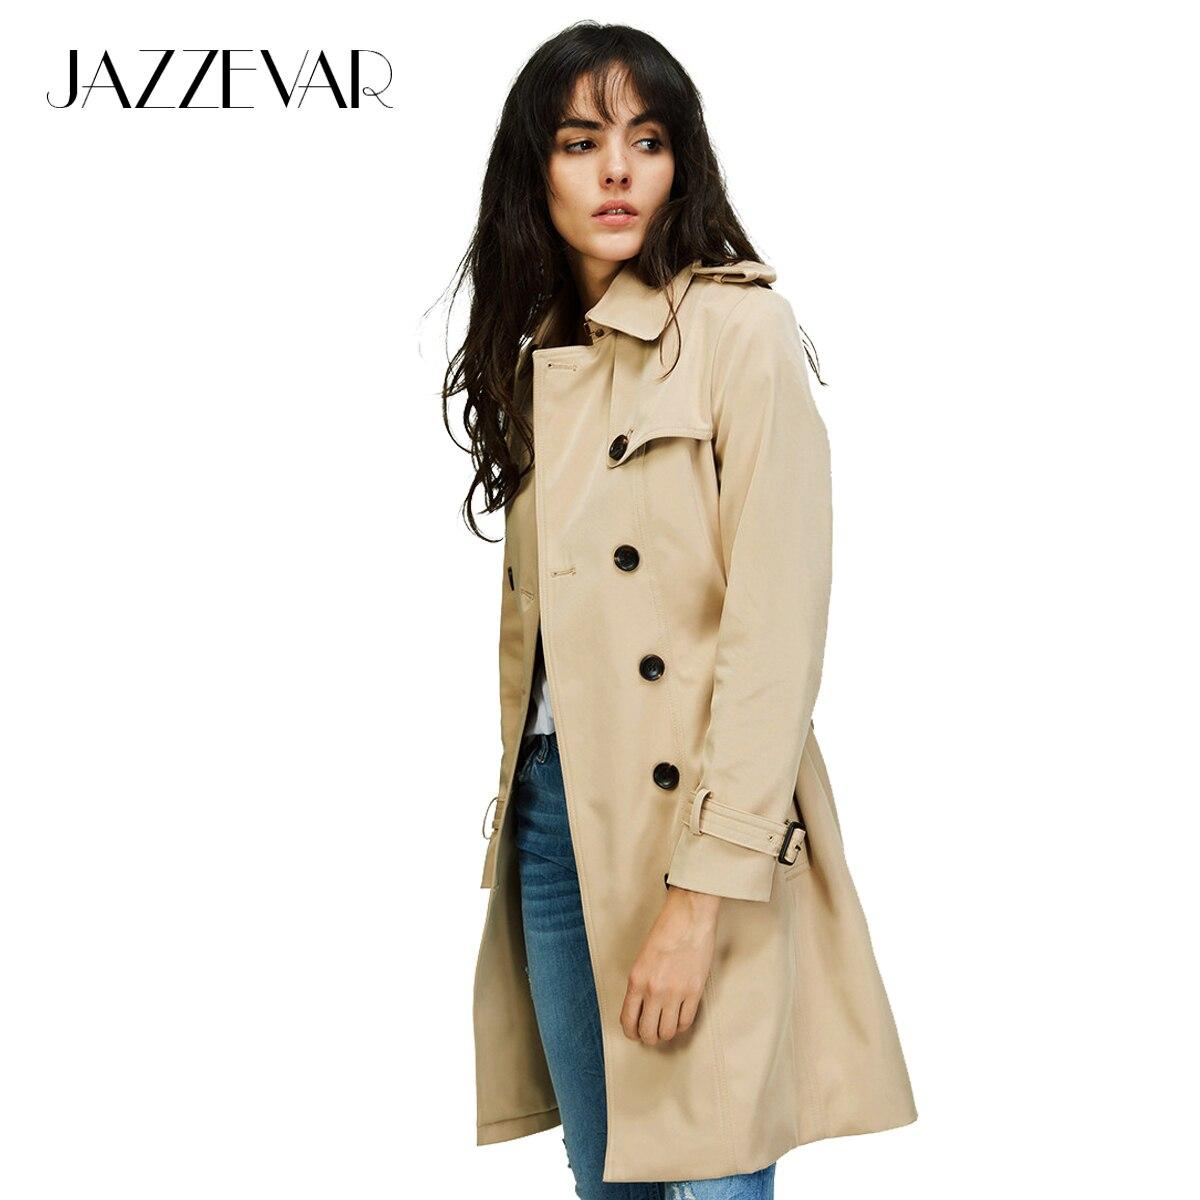 JAZZEVAR 2018 Automne Nouvelle Marque De Haute Couture Femme Classique Double Breasted Tranchée Manteau Imperméable Imperméable Affaires Vêtements